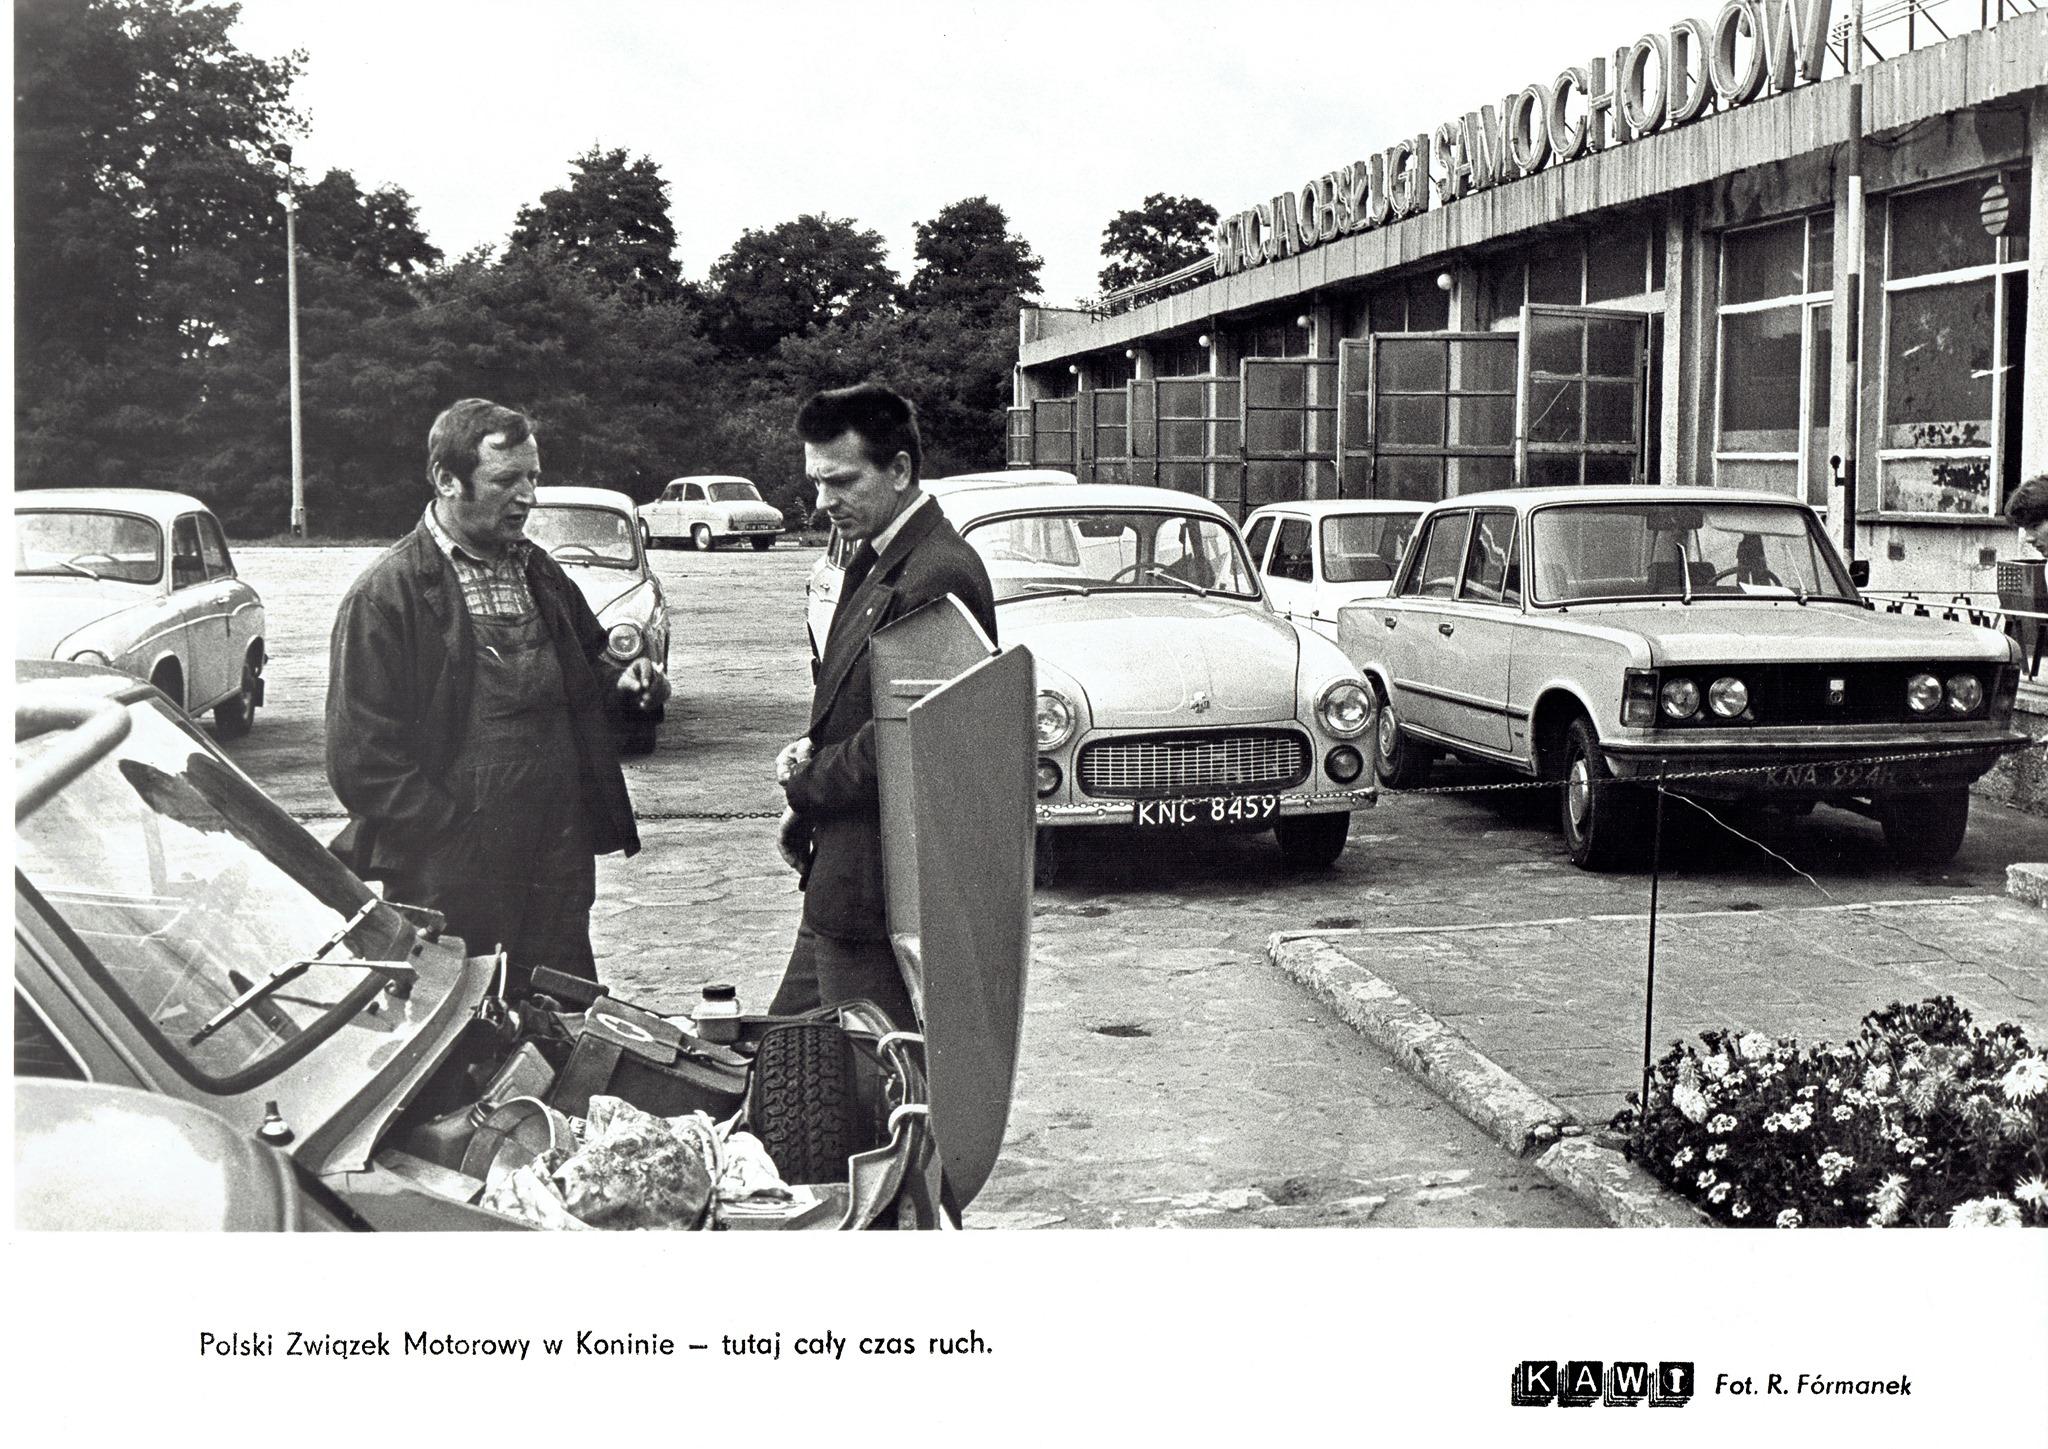 Polski Związek Motorowy w Koninie